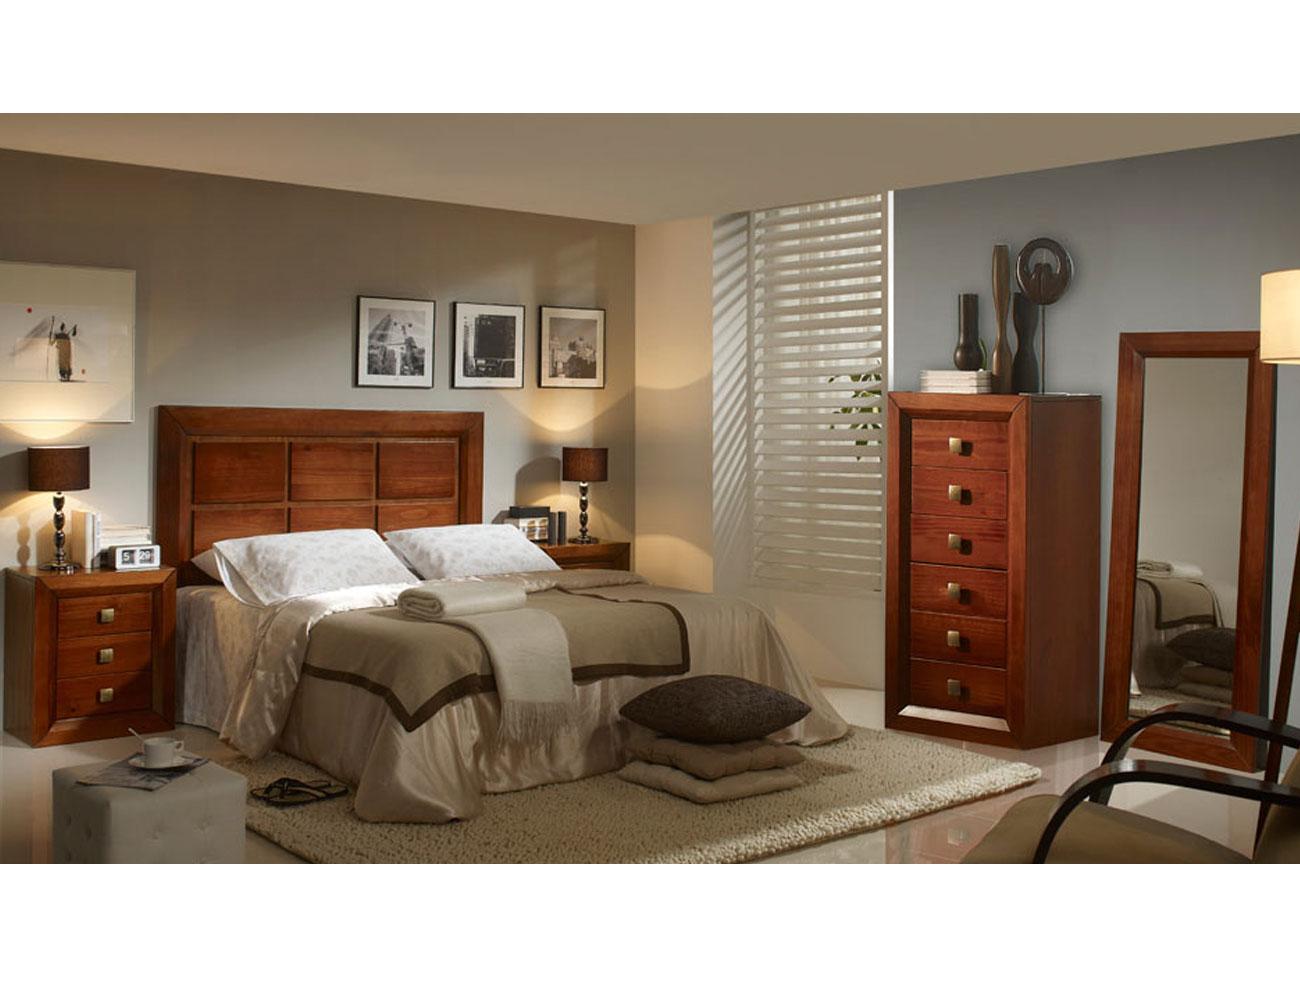 Mesa comedor extensible color nogal en madera 7112 - Mesas para dormitorio ...